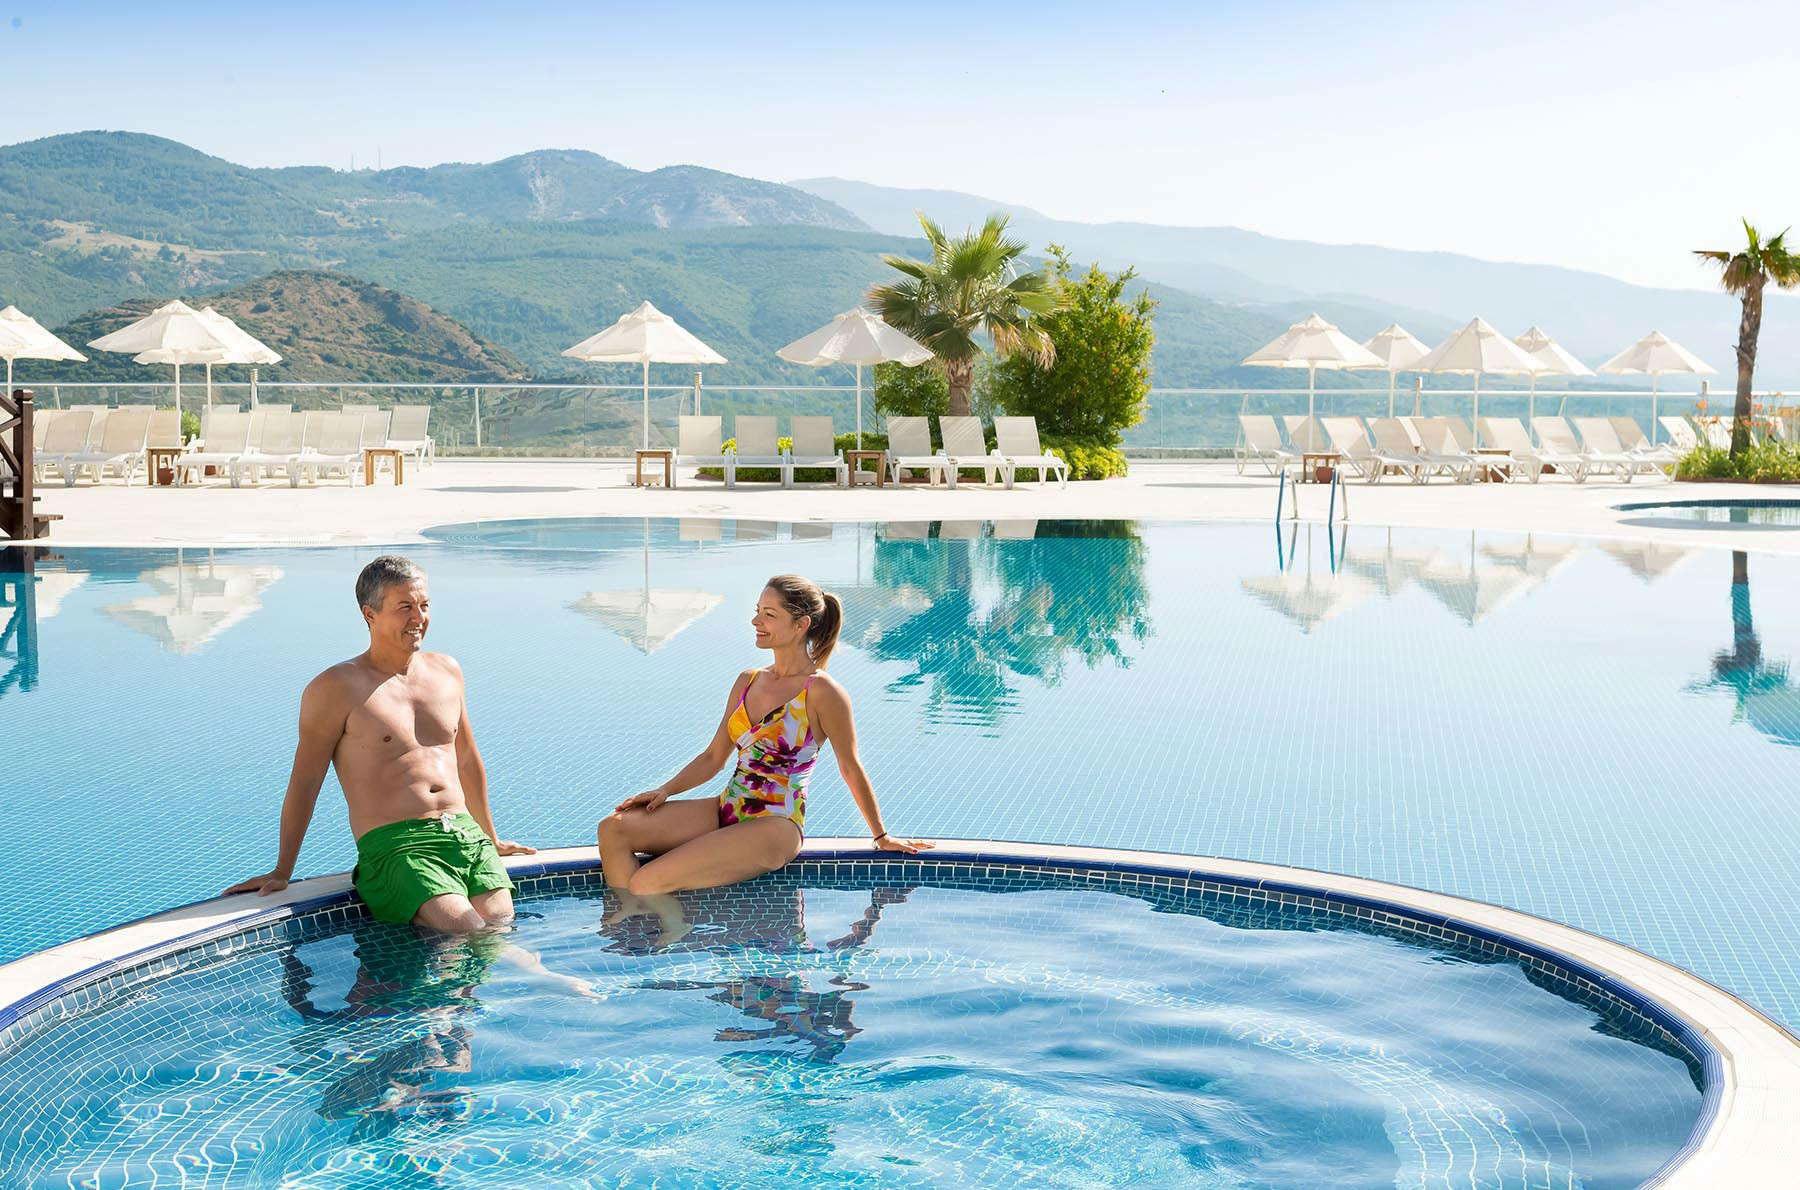 CLC World Resorts & Hotels